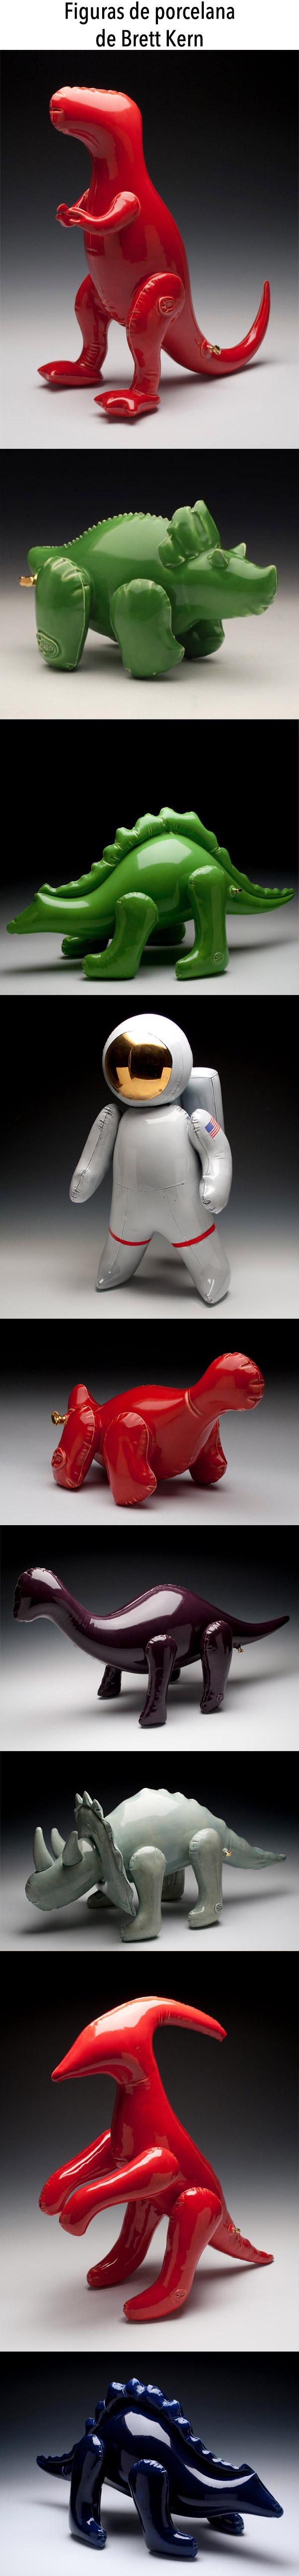 Divertidas figuras de porcelana